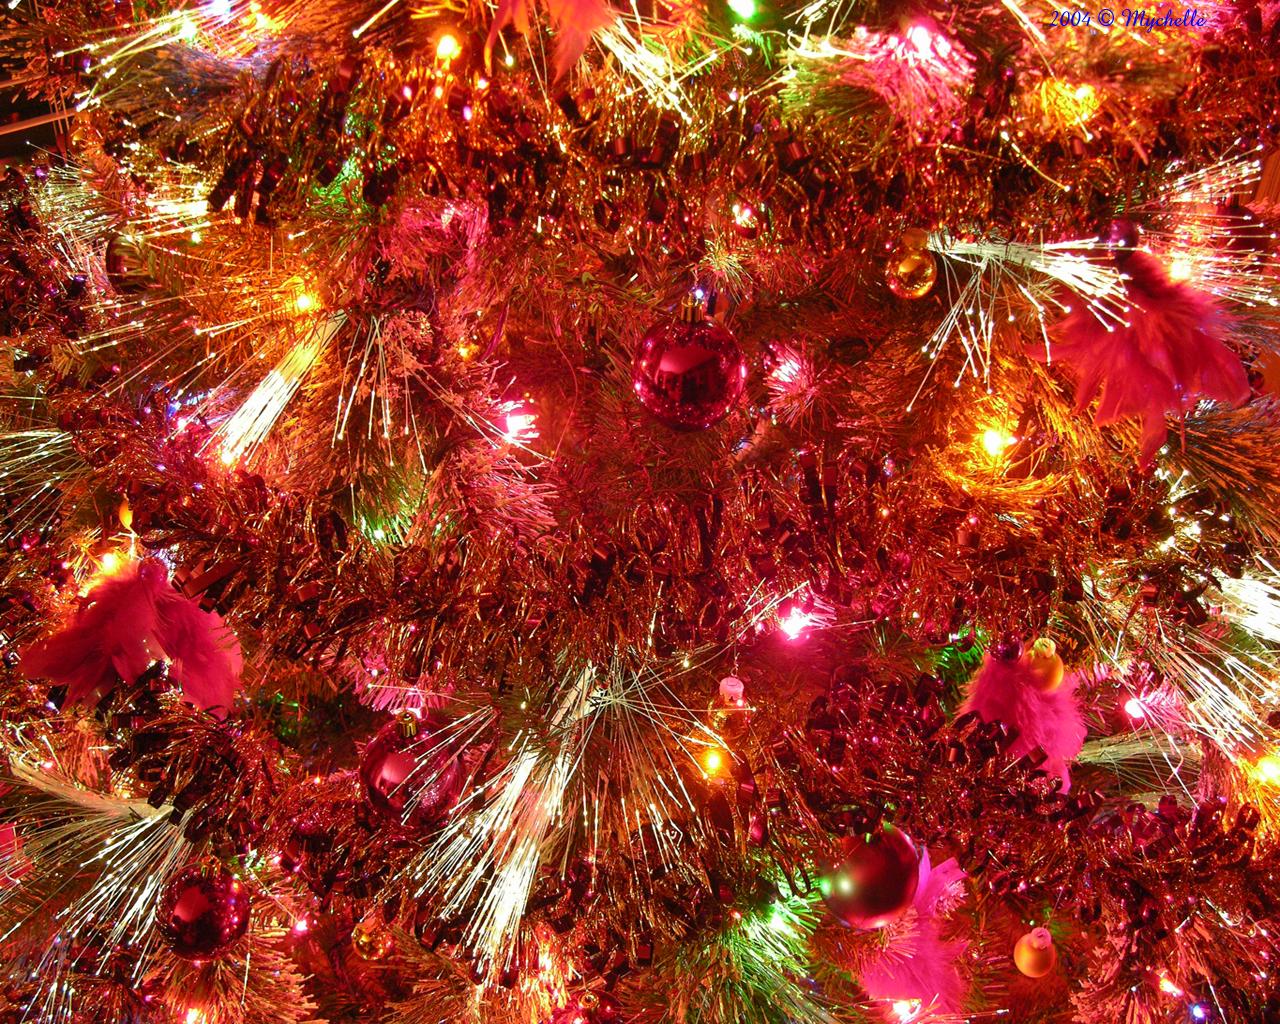 http://4.bp.blogspot.com/-6BT_dsqV7Do/UKobZph83yI/AAAAAAAACBM/Hz7XbsK-Oro/s1600/Christmas-1.jpg